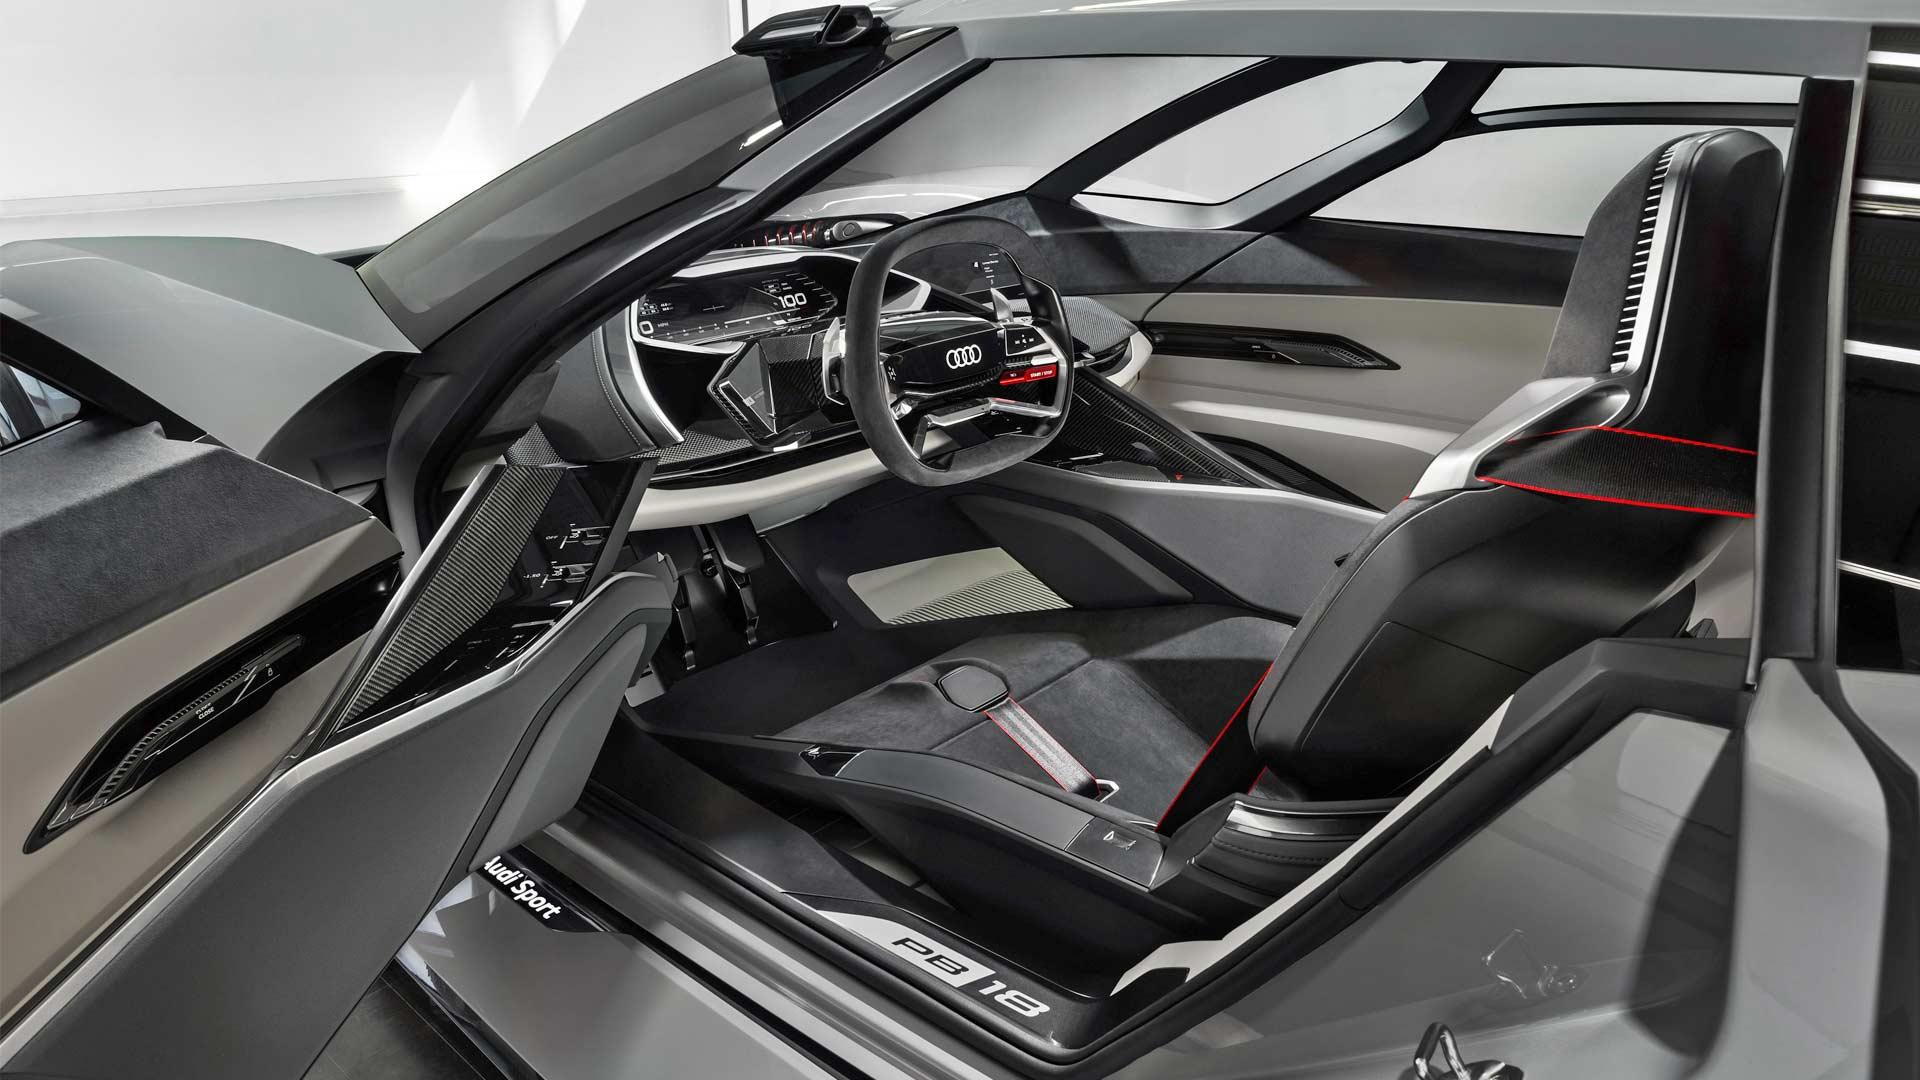 Audi-PB18-e-tron-concept-interior_2